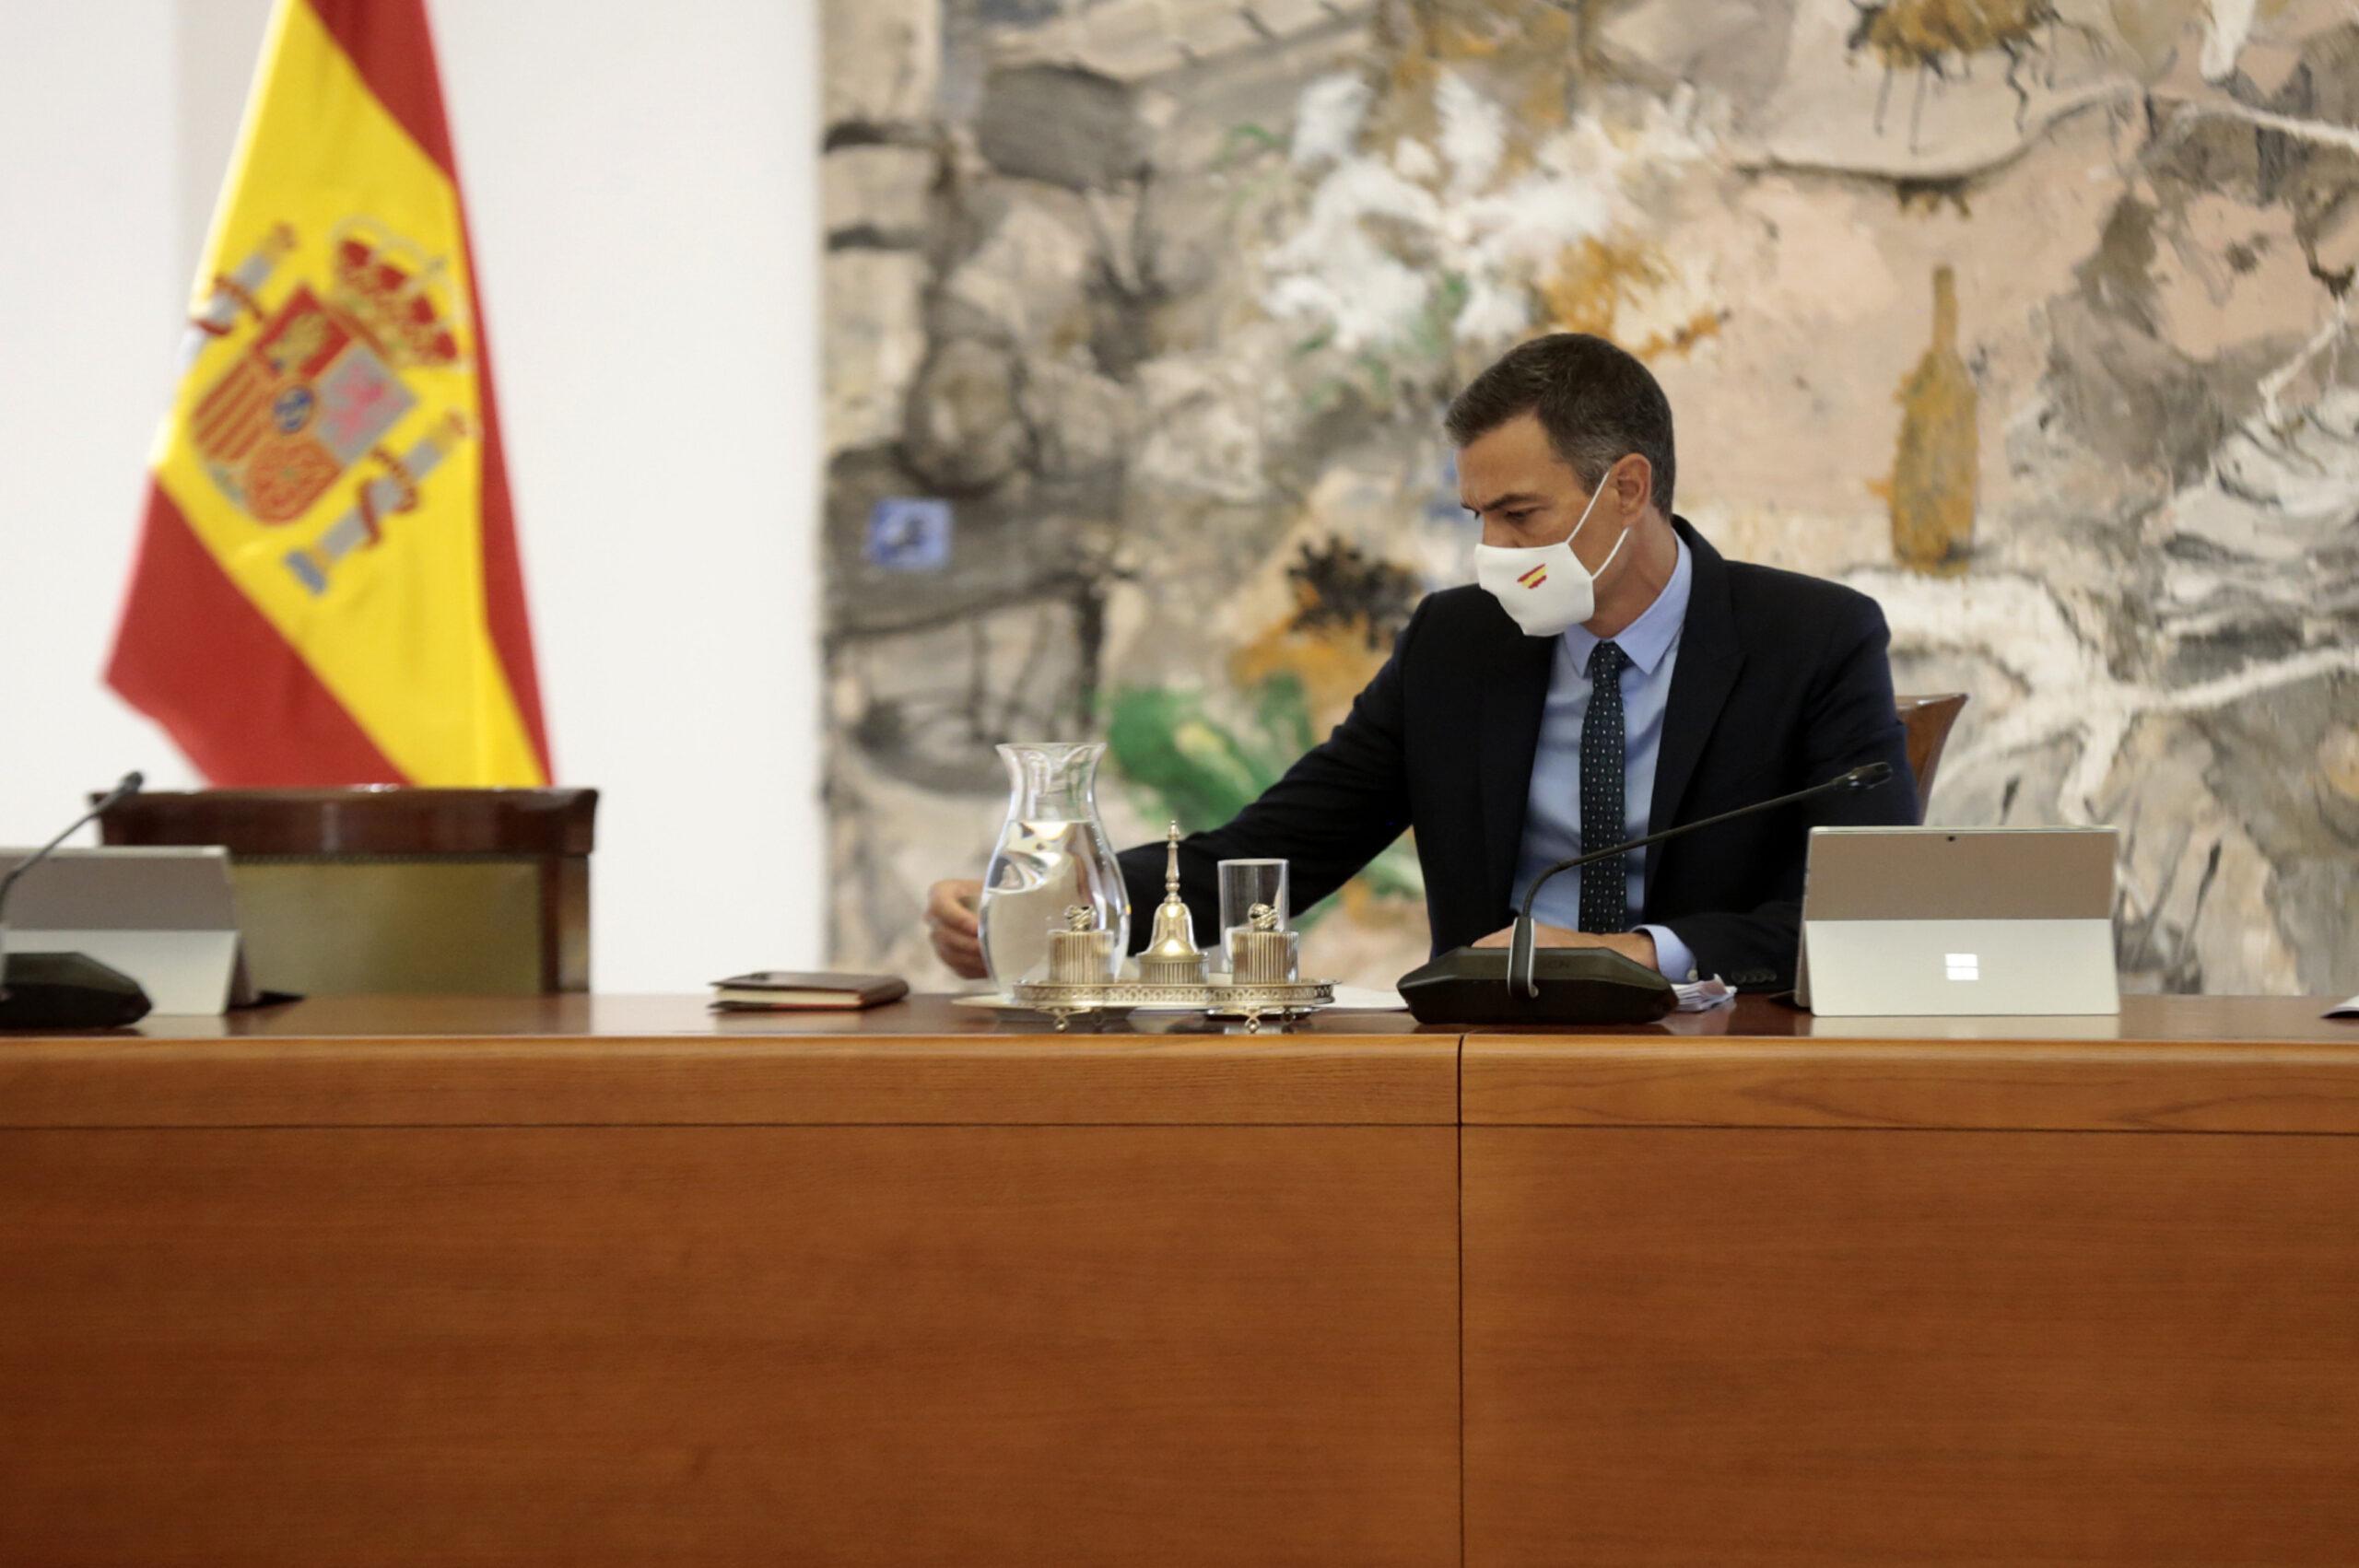 El president del govern espanyol, Pedro Sánchez, a la reunió del Consell de Ministres al Palau de la Moncloa, el 25 d'agost del 2020 (ACN)